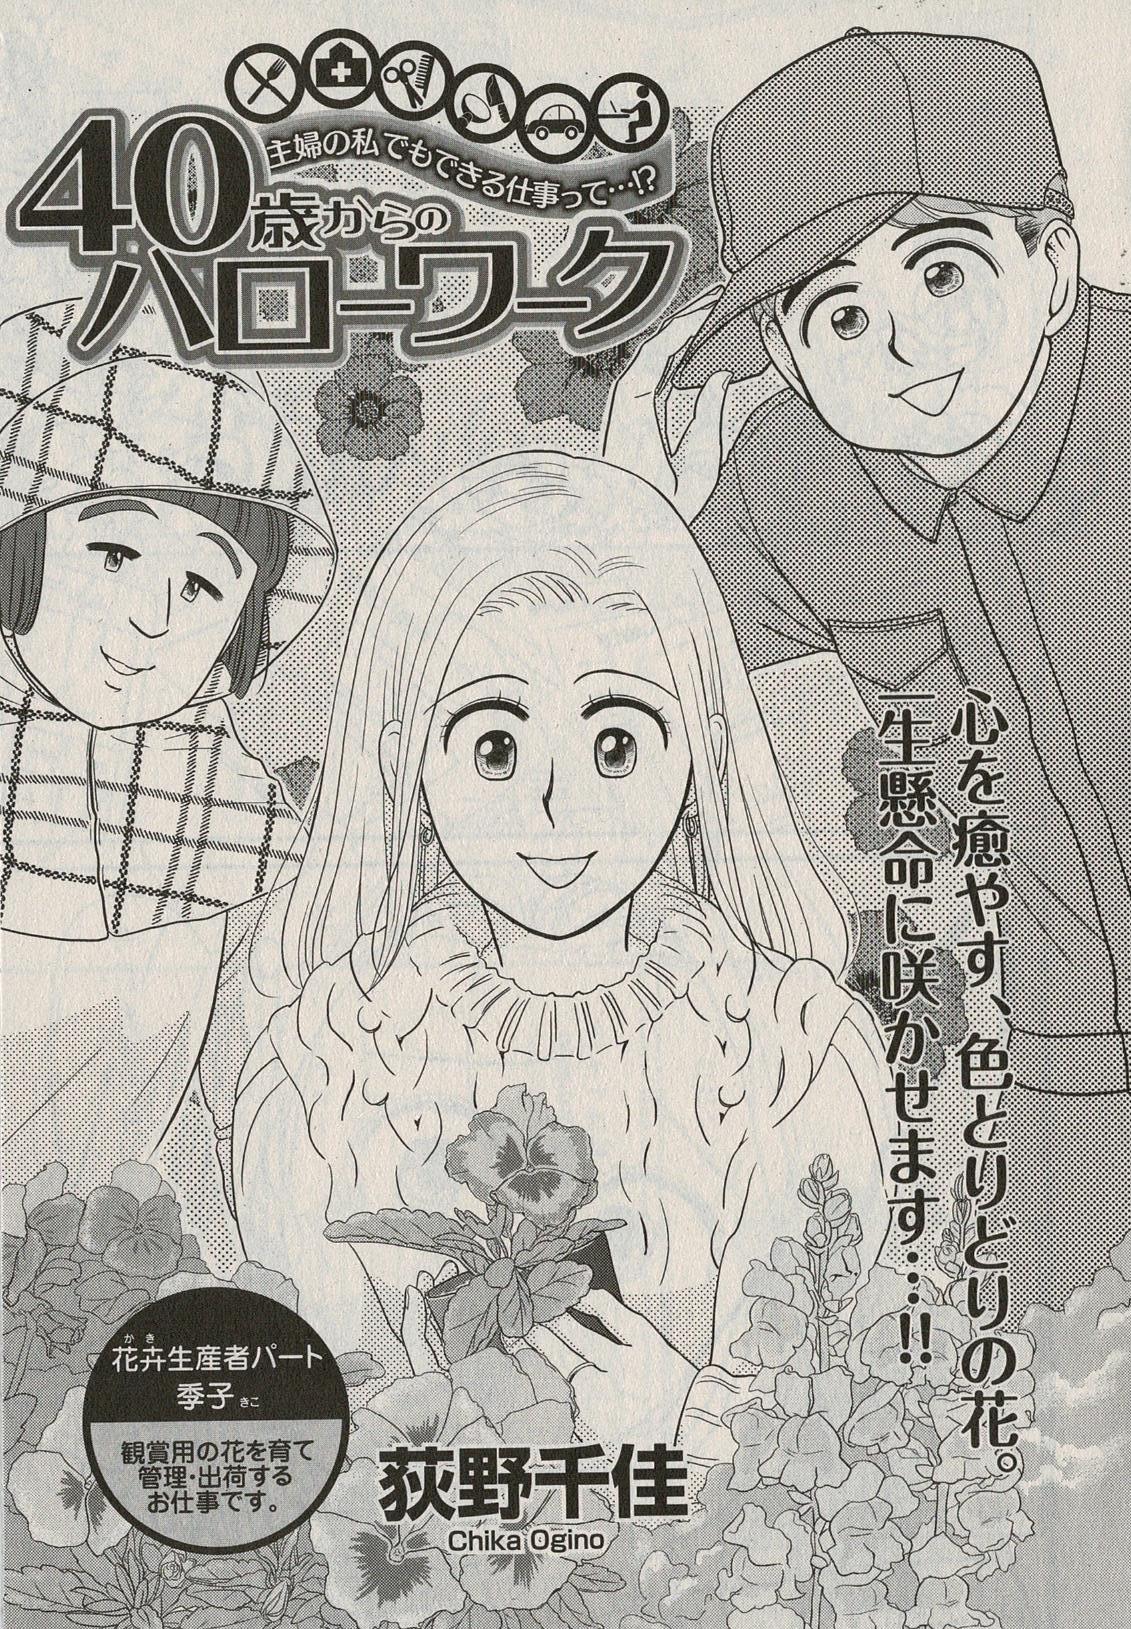 (株)秋田書店様より発行【エレガンスイブ】に読み切りマンガを描きました!